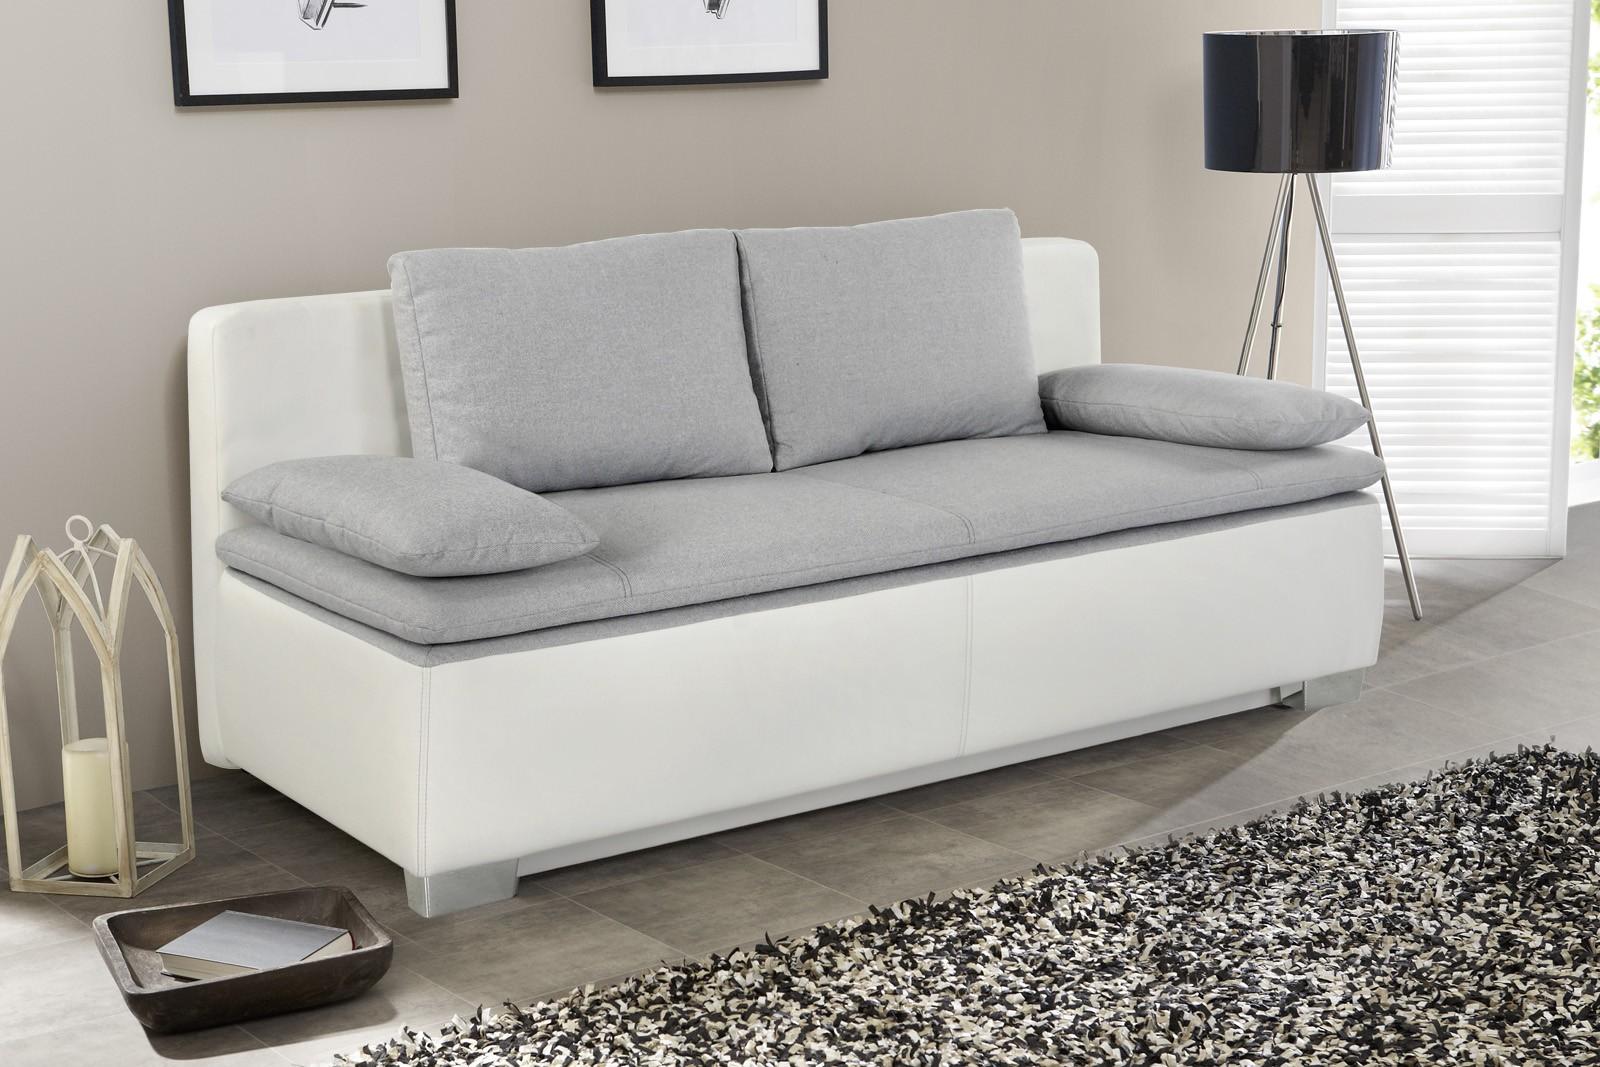 big sofa gebraucht berlin innenr ume und m bel ideen. Black Bedroom Furniture Sets. Home Design Ideas